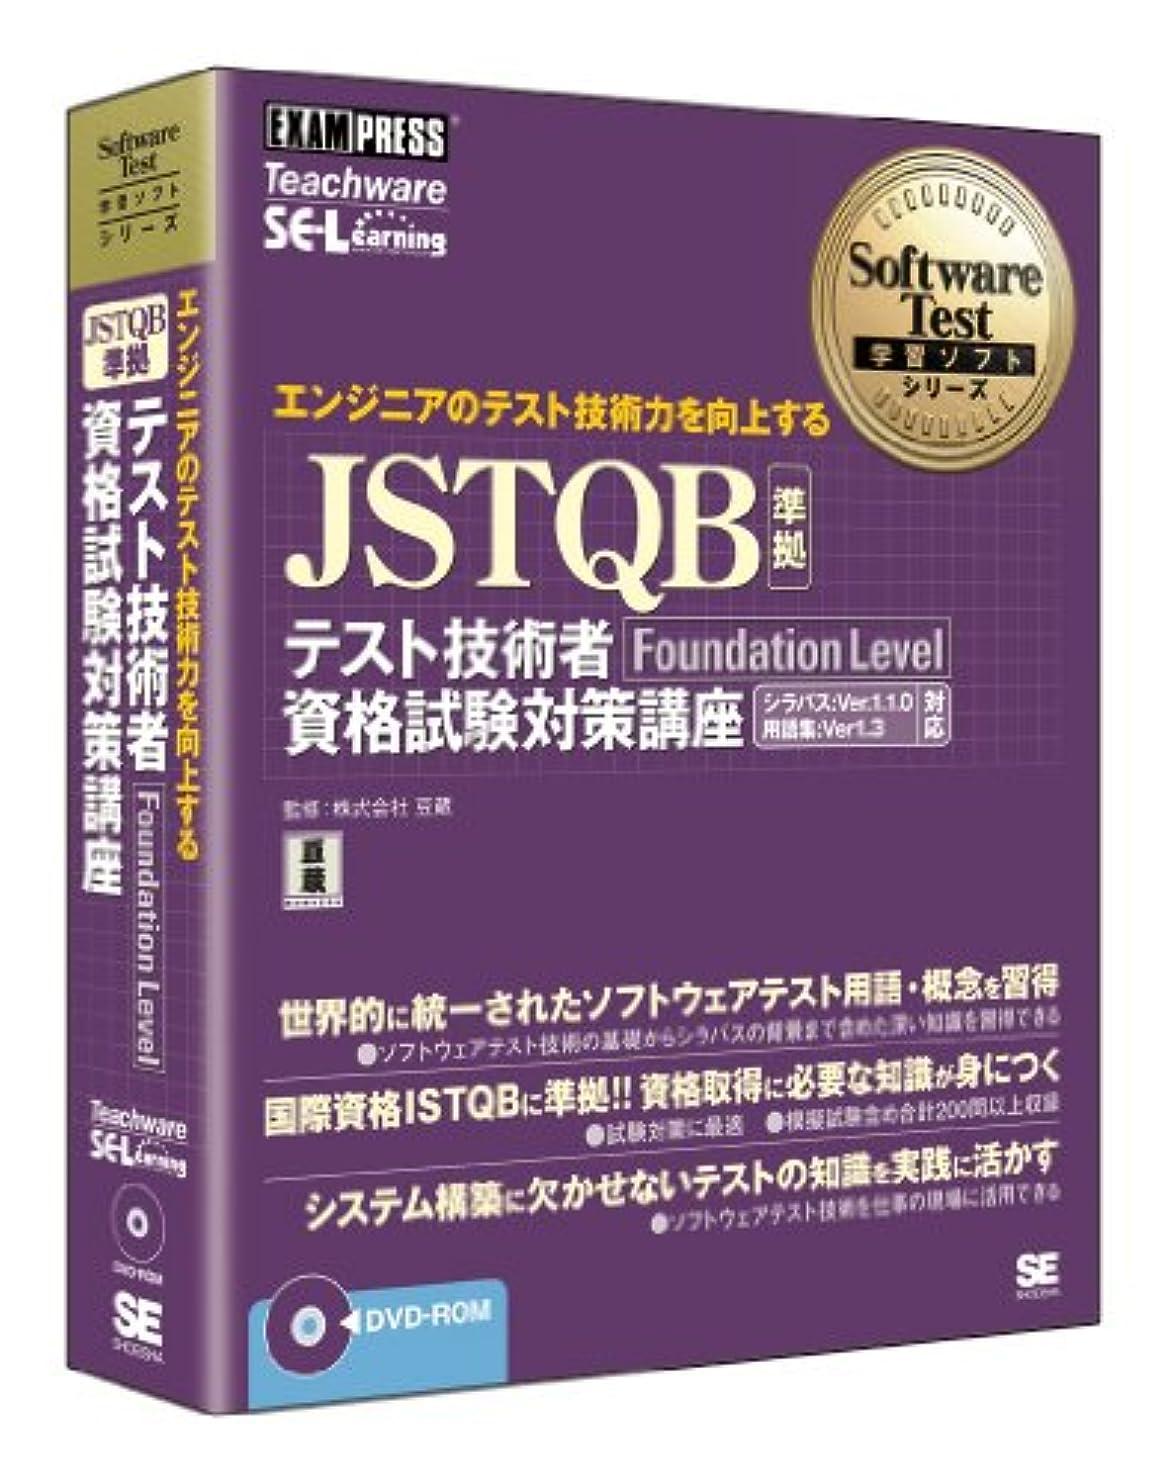 拒絶オリエンタル承認するJSTQB準拠テスト技術者Foundation Level対策